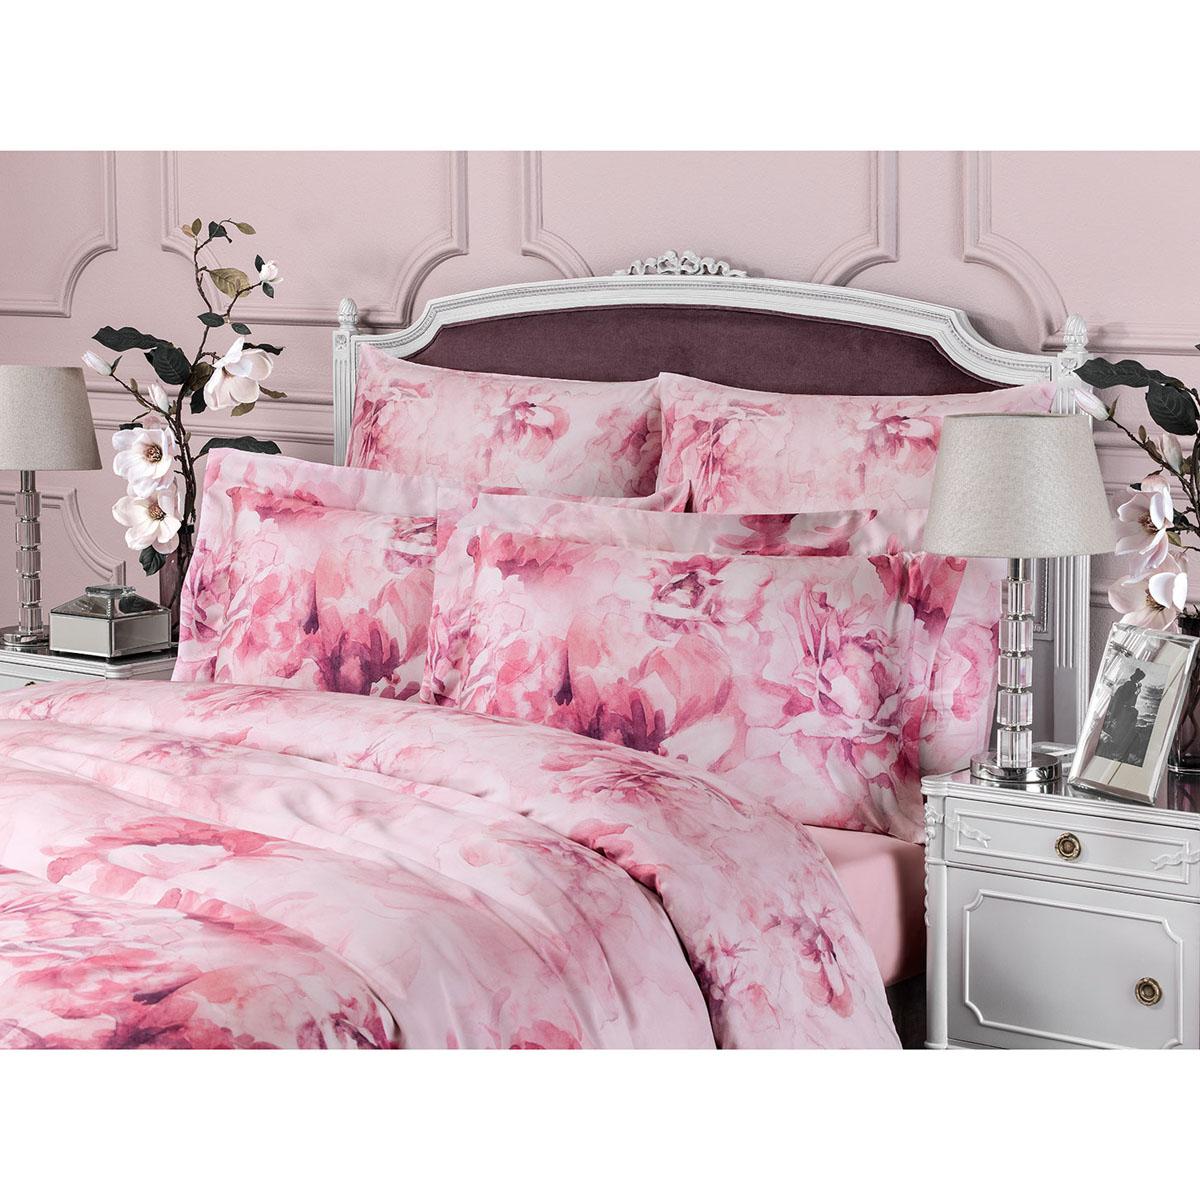 Лорель роз. комплект постельного белья 145 Х 200-1/200 Х 230/50 Х 70-2, 4 пр, тенсель